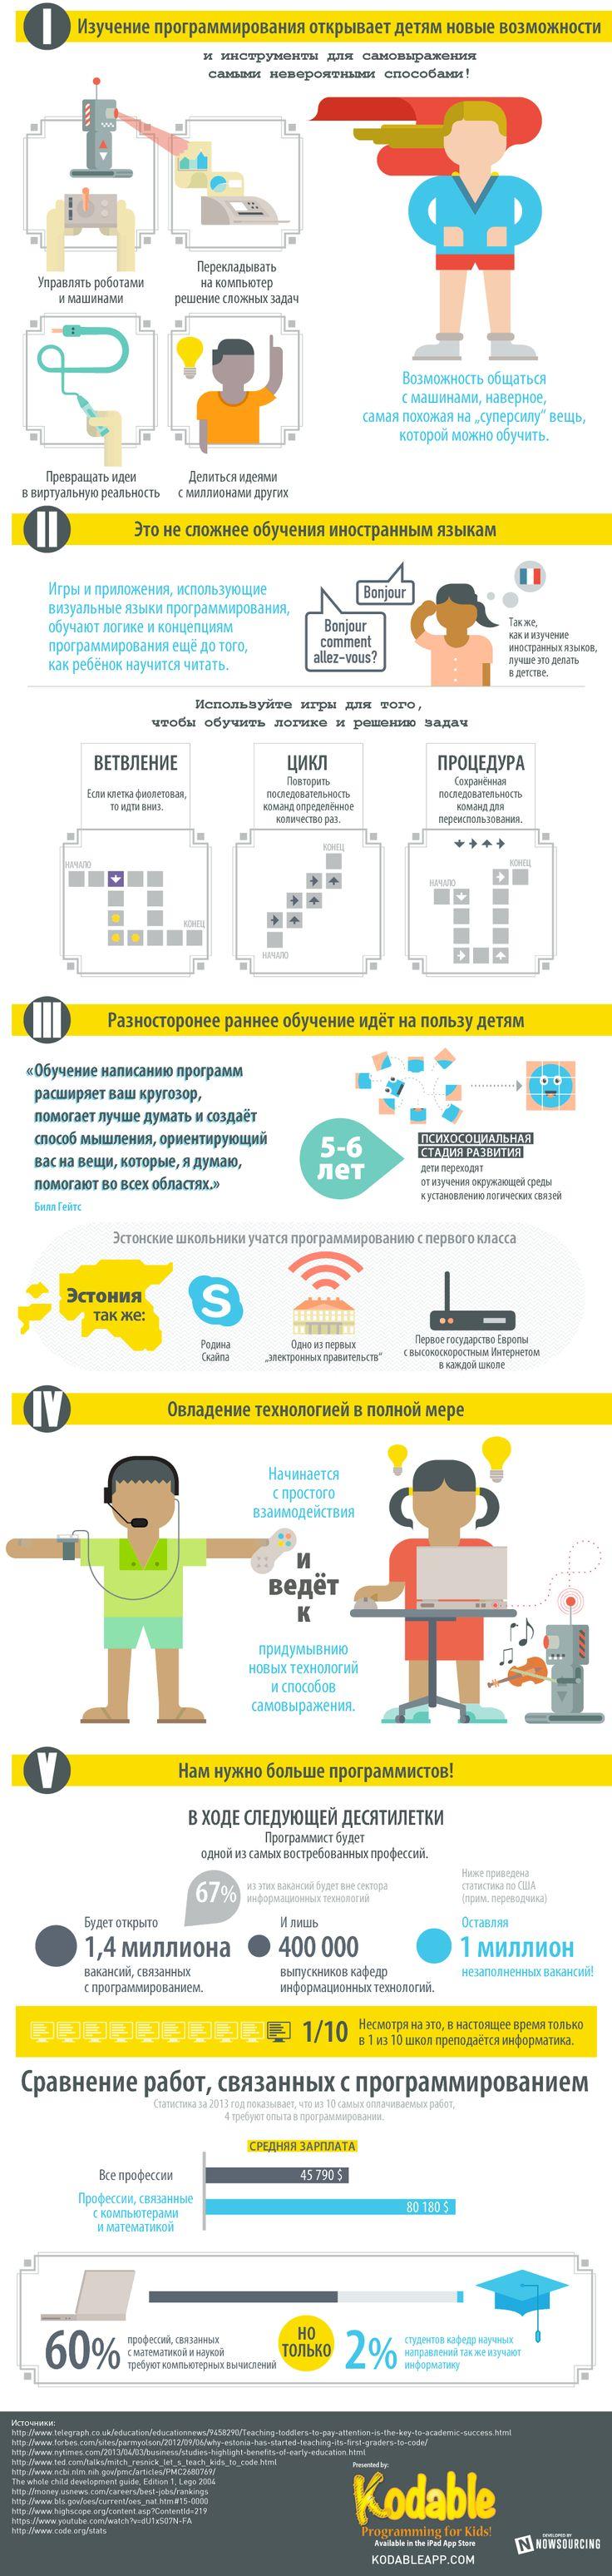 5 причин учить детей программированию